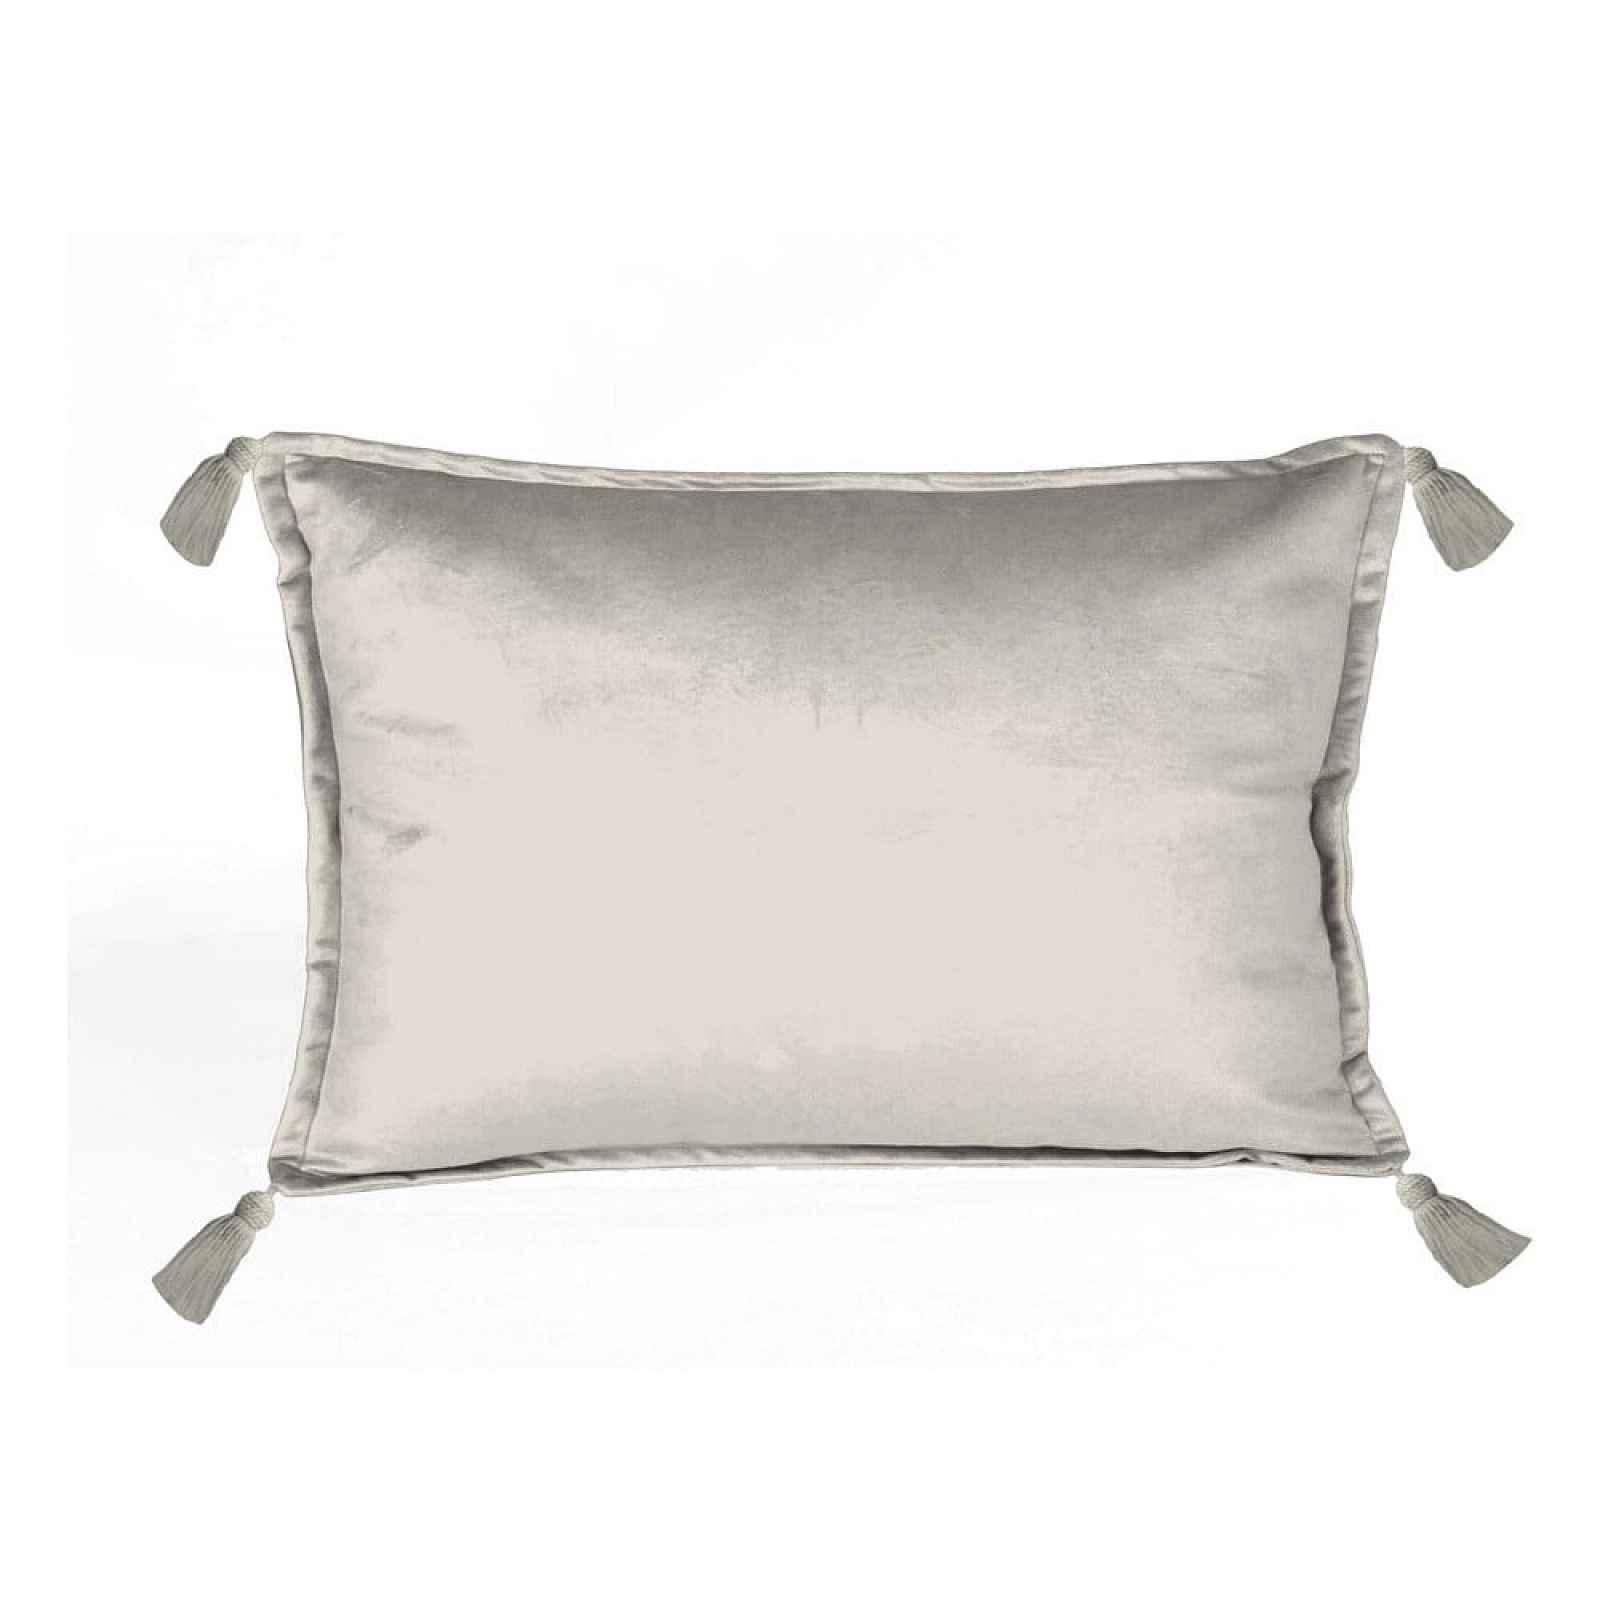 Šedý sametový polštář Velvet Atelier Borlas,50x35cm